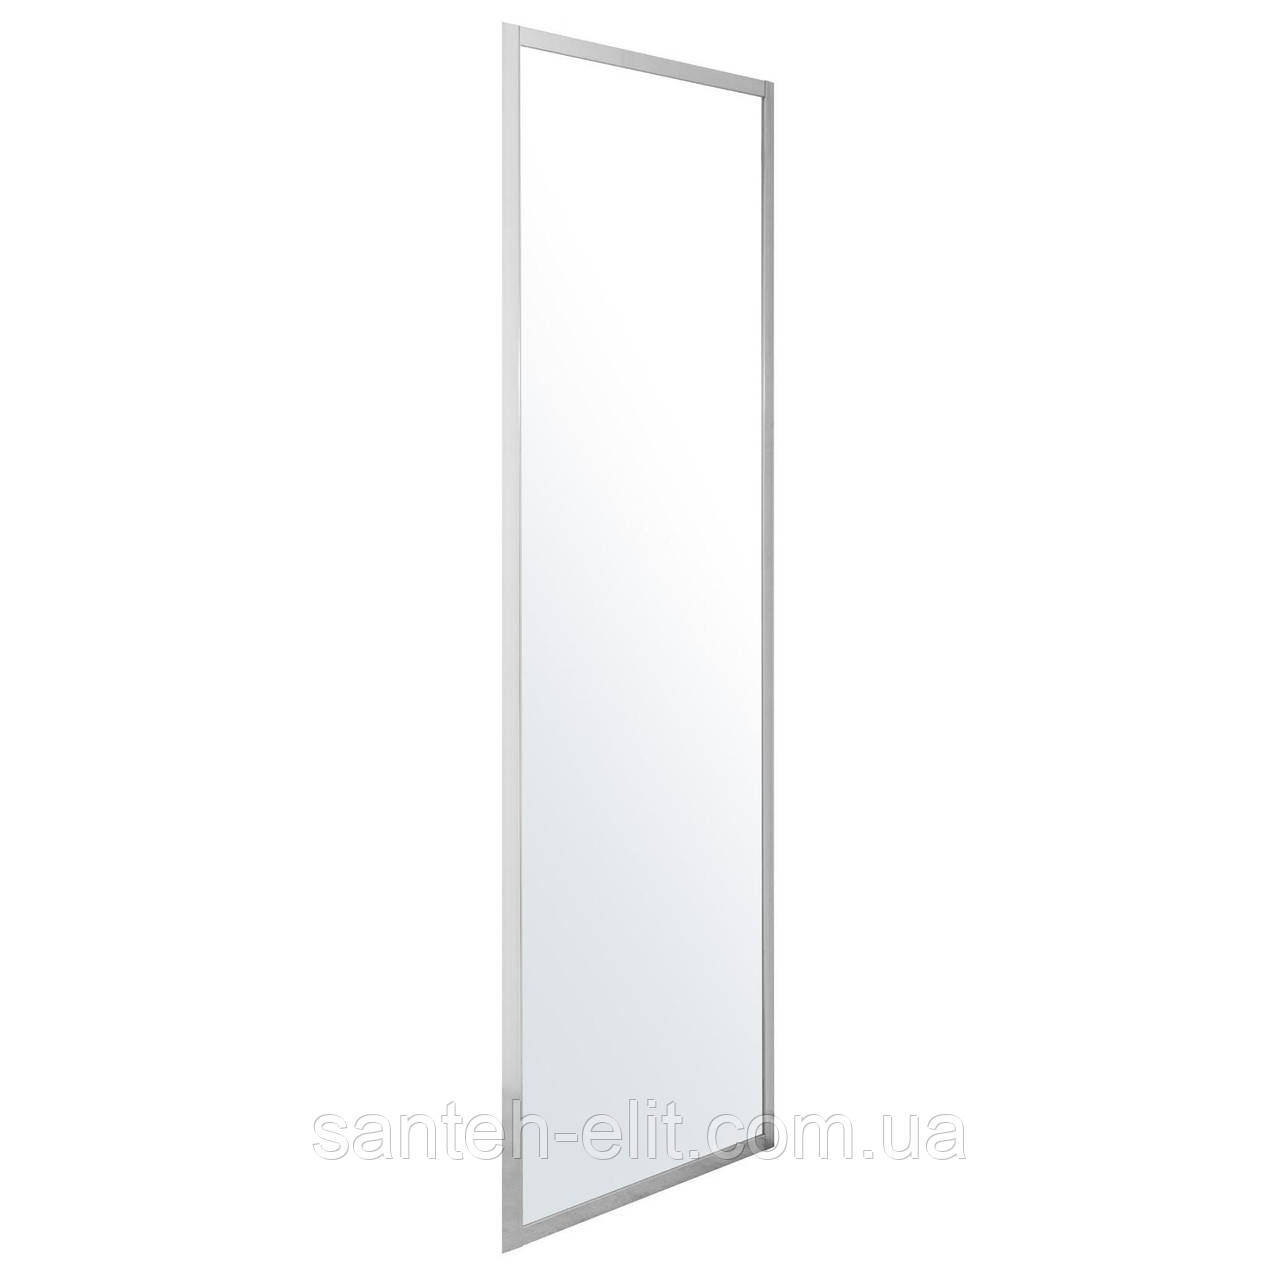 Боковая стенка 80*195см, для комплектации с дверьми 599-153 (h)